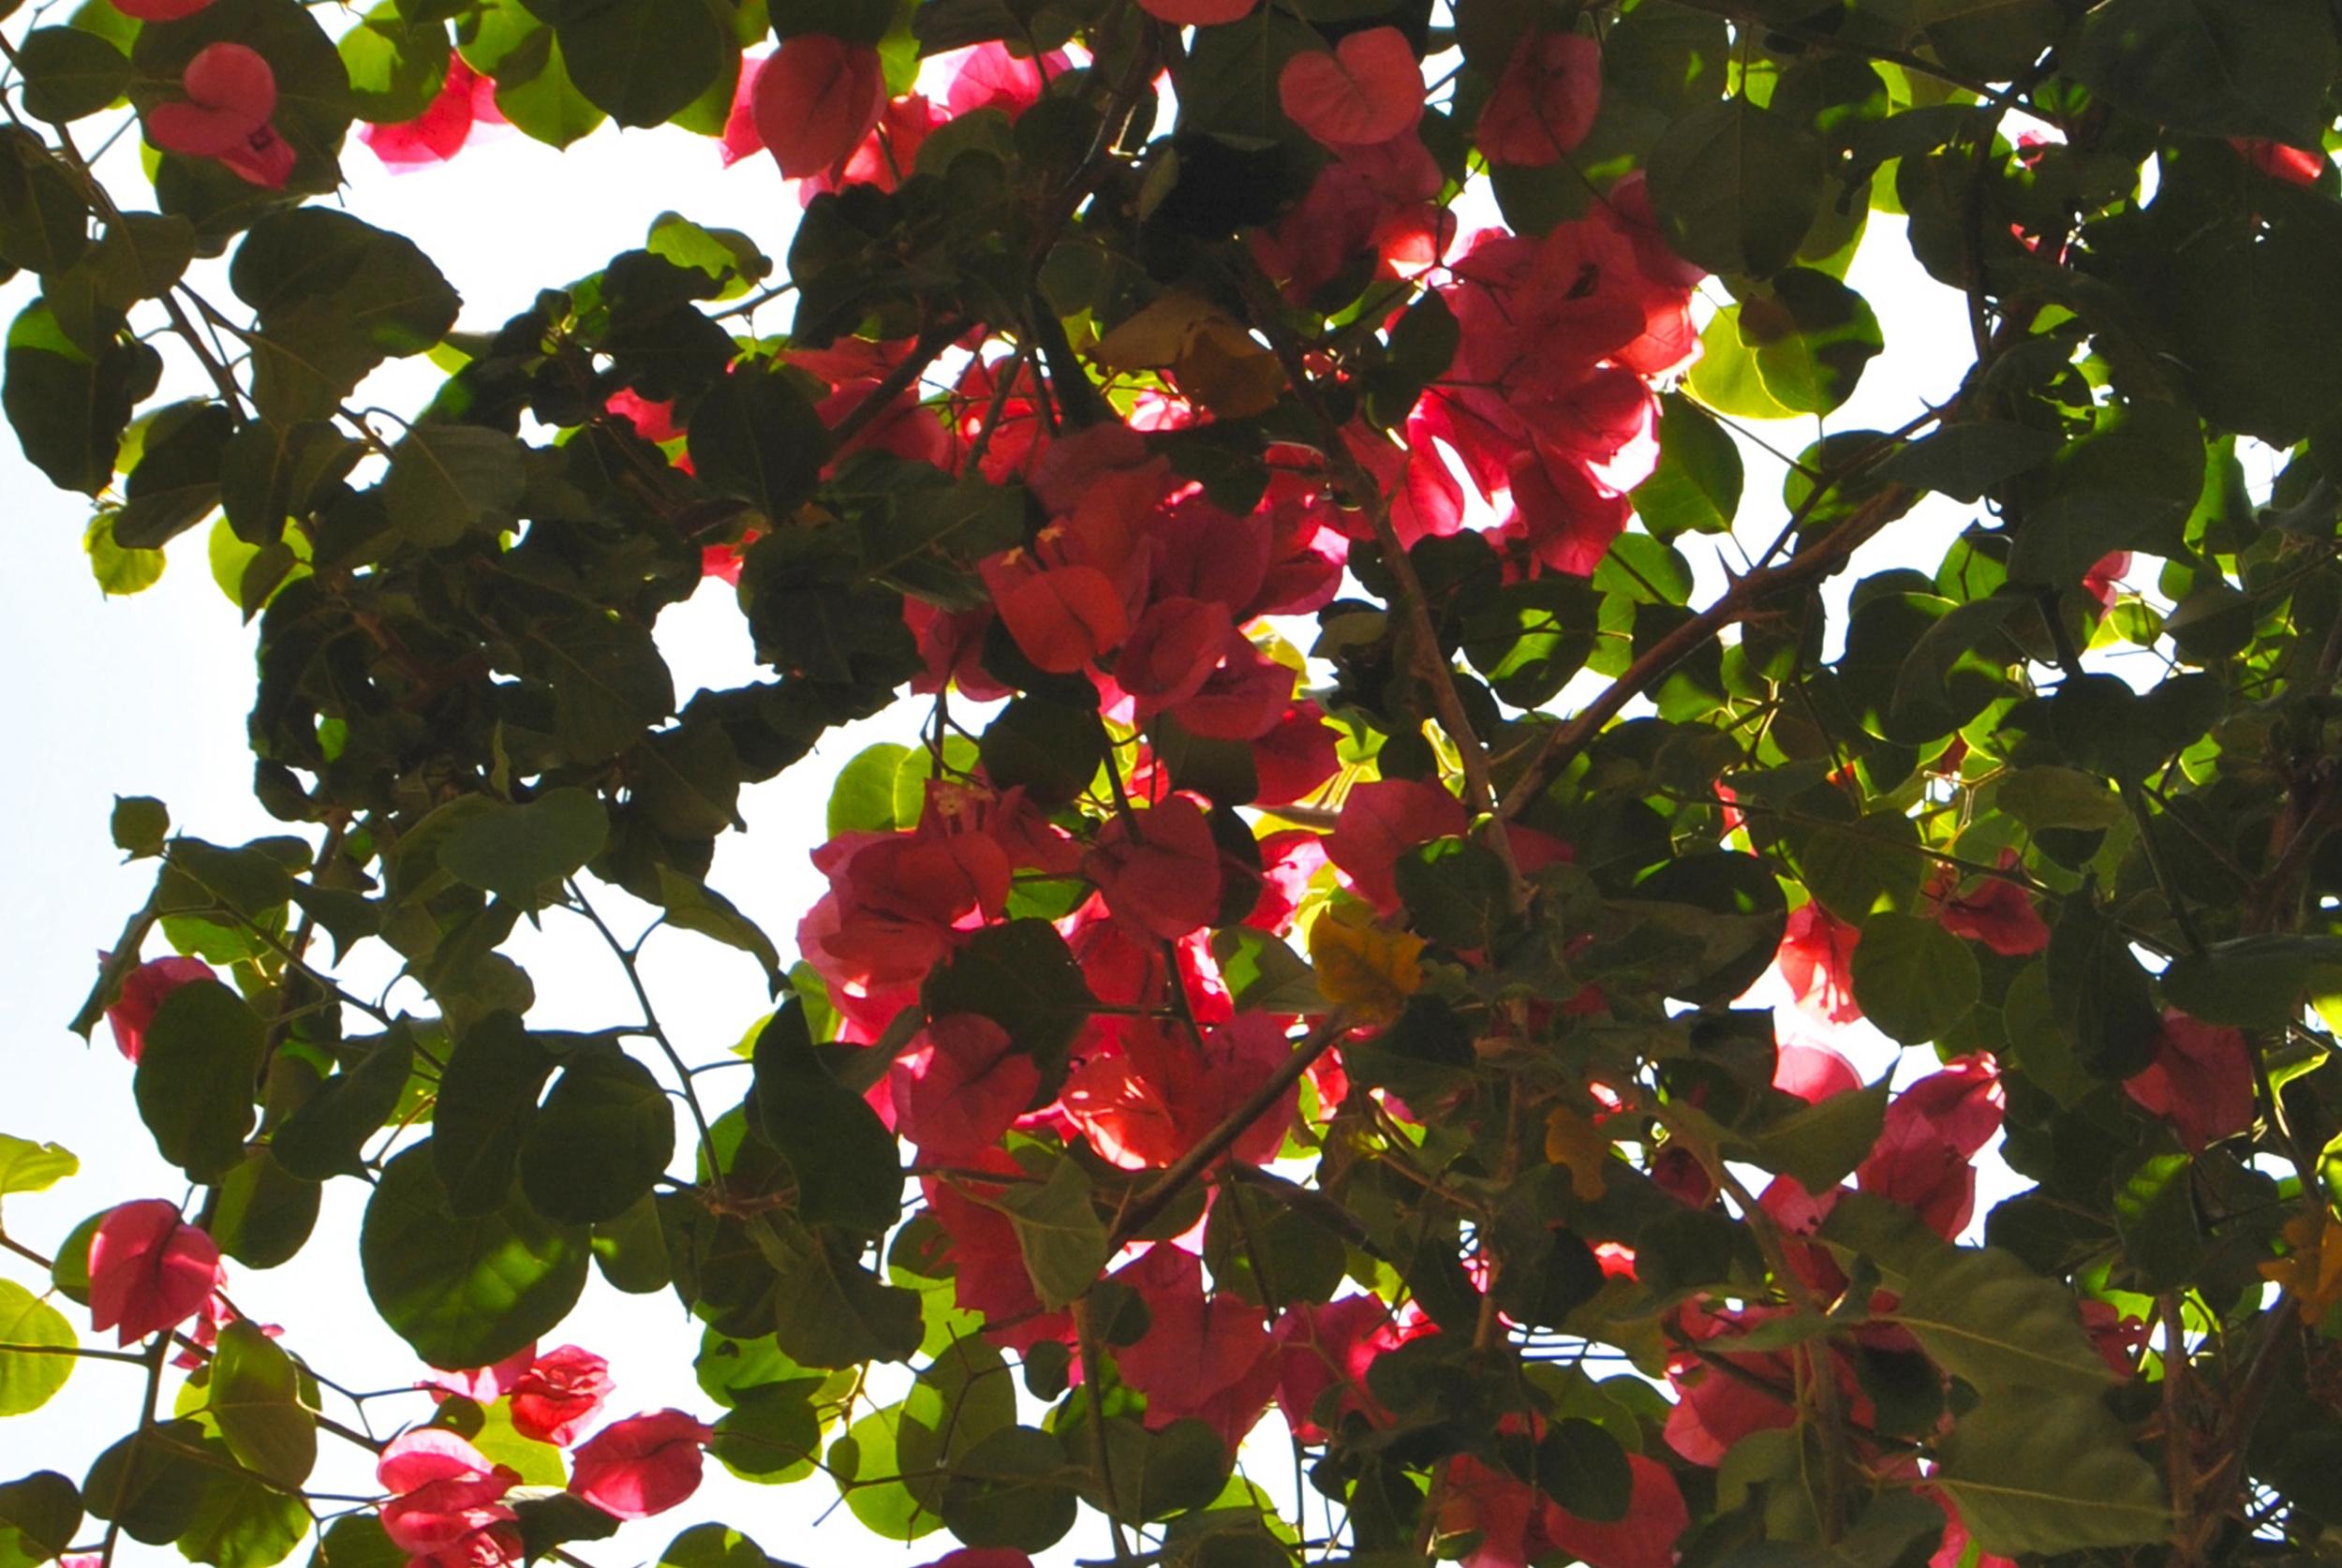 Sud-Est Apulia Salento PugliaNature Bougainvillea